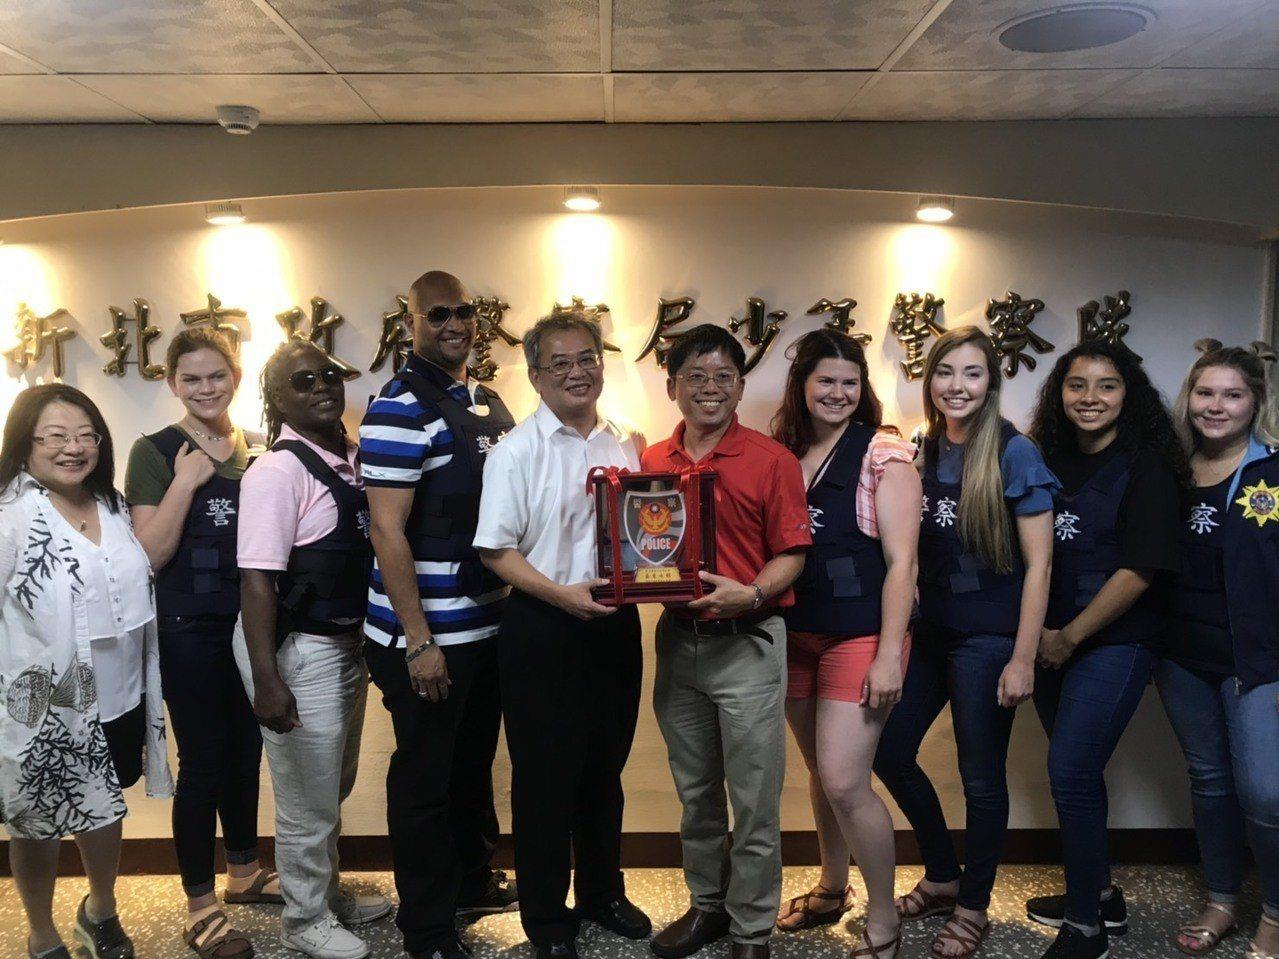 新北警防制青少年毒品有成 美國拉瑪大學慕名來參訪